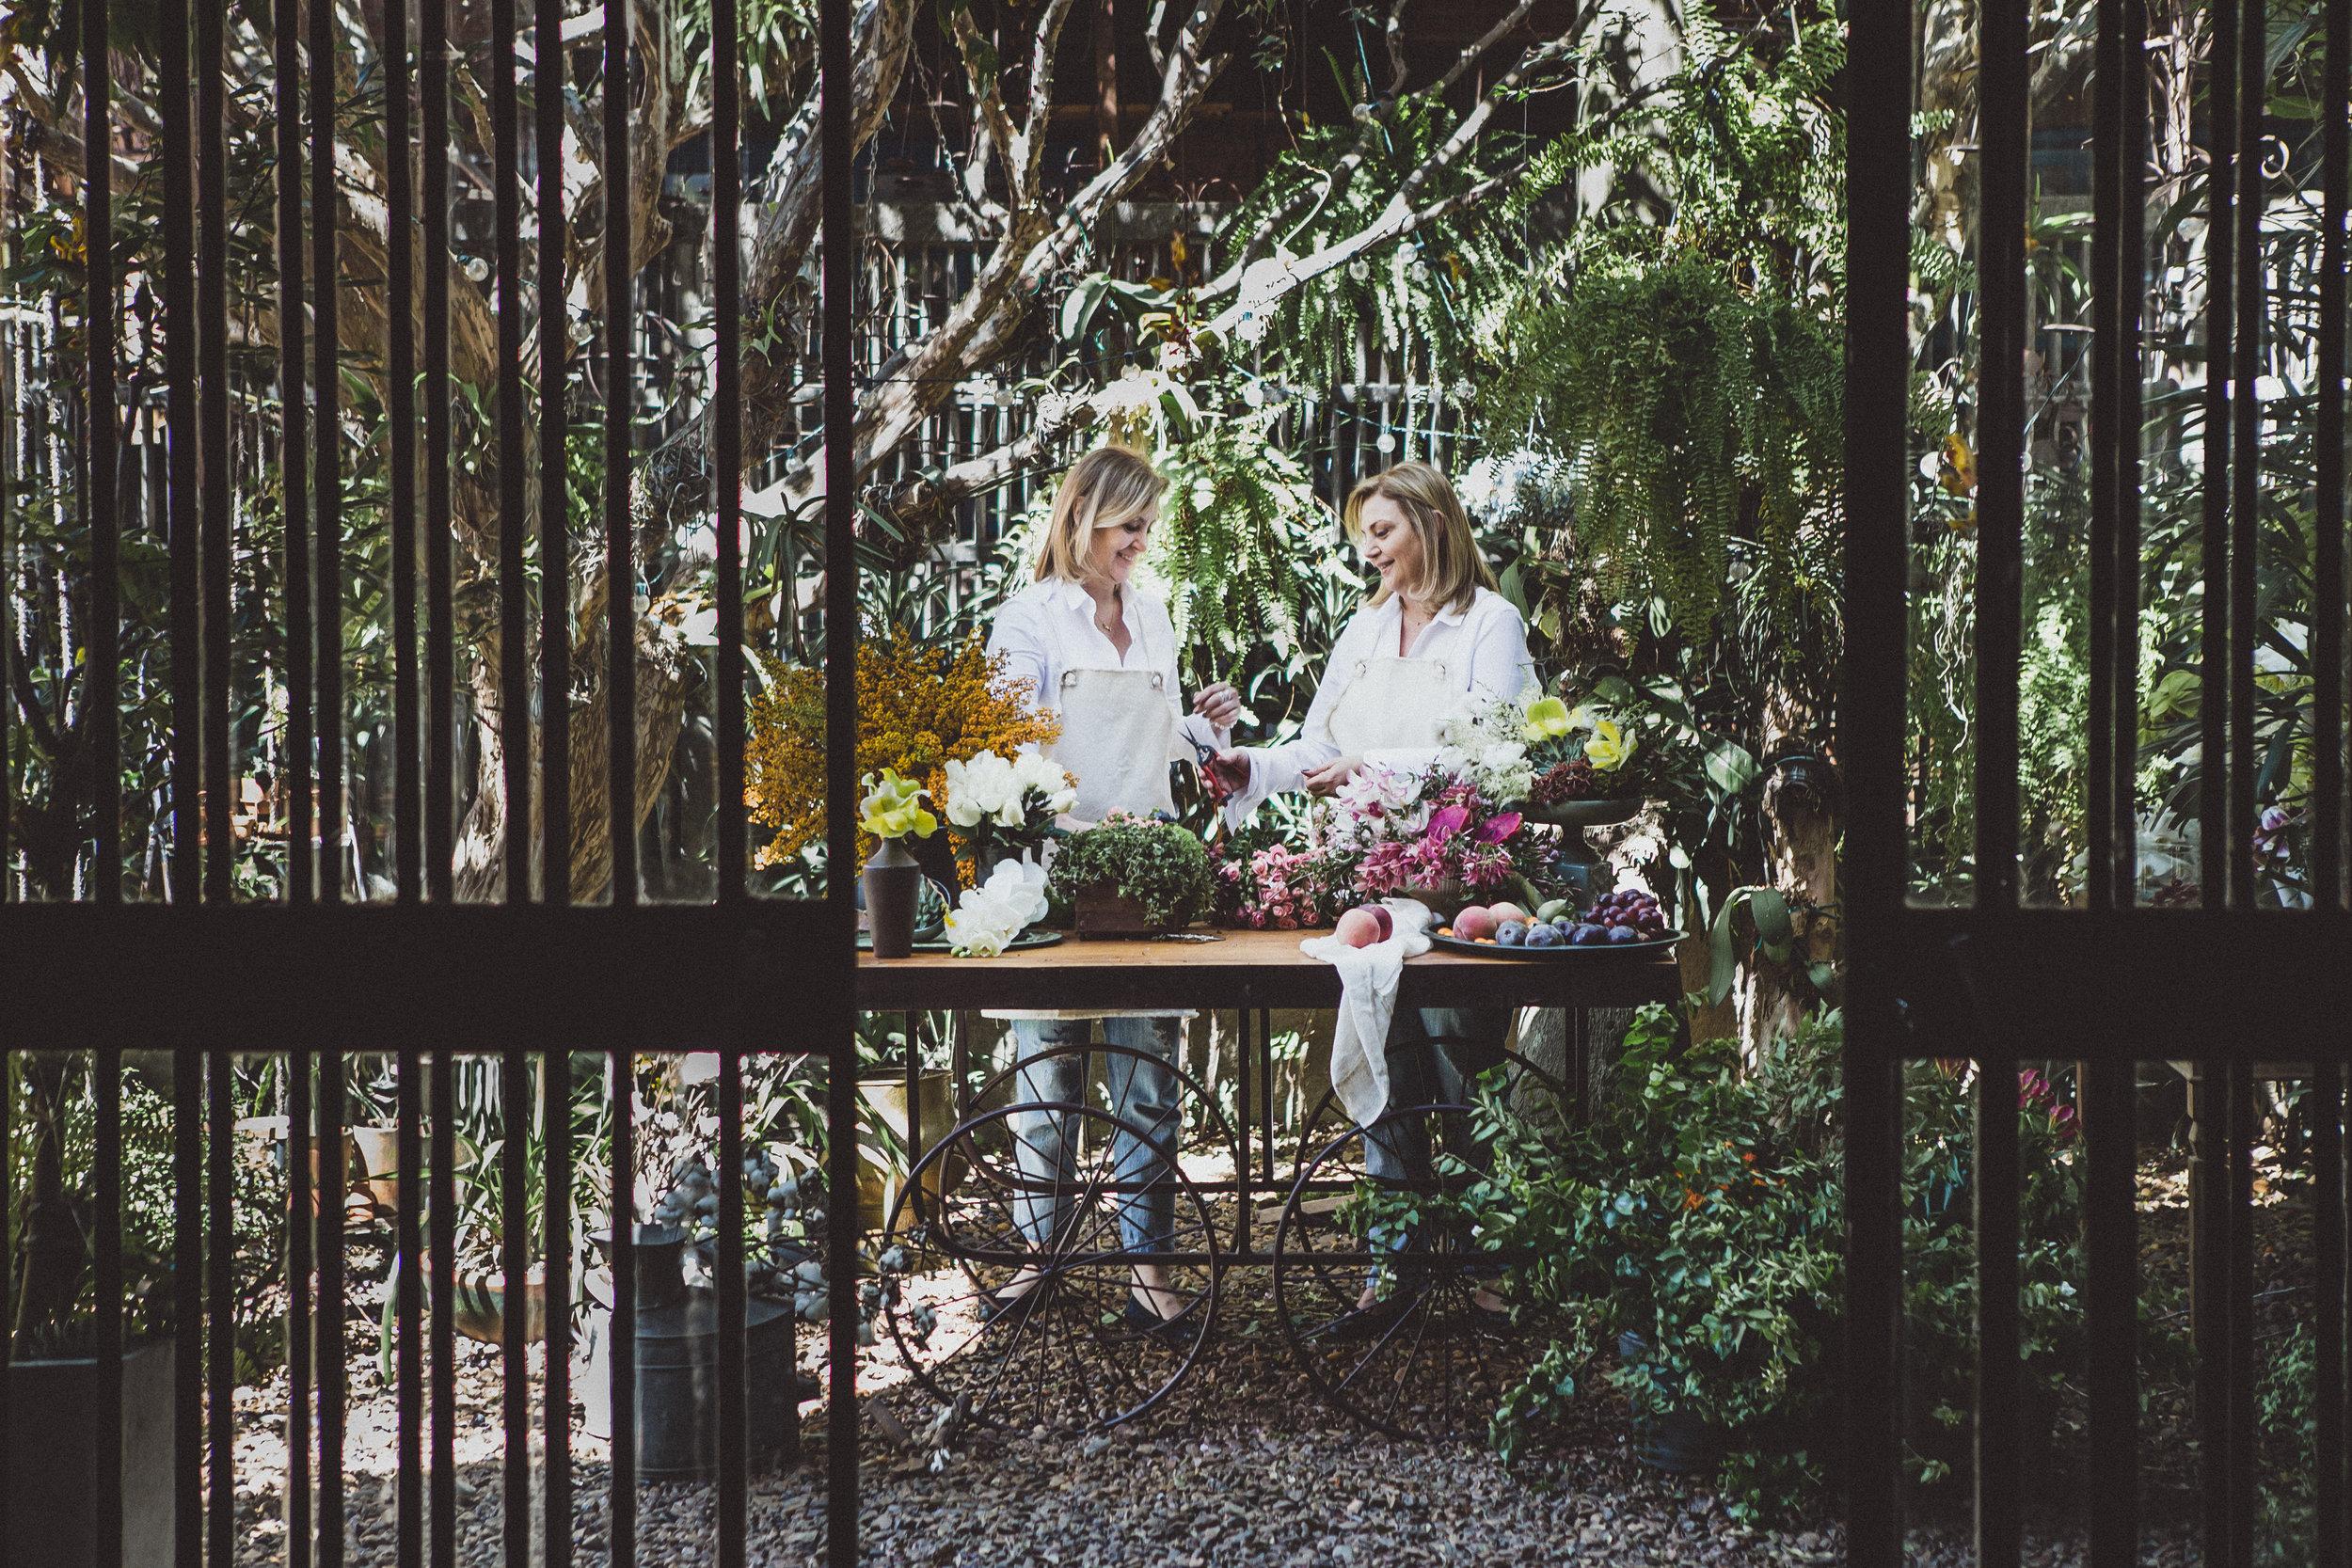 Cecilia Faria, Silvia Faria, boutique de flores, decoração de eventos, assinatura de flores, flores para empresa, presentes